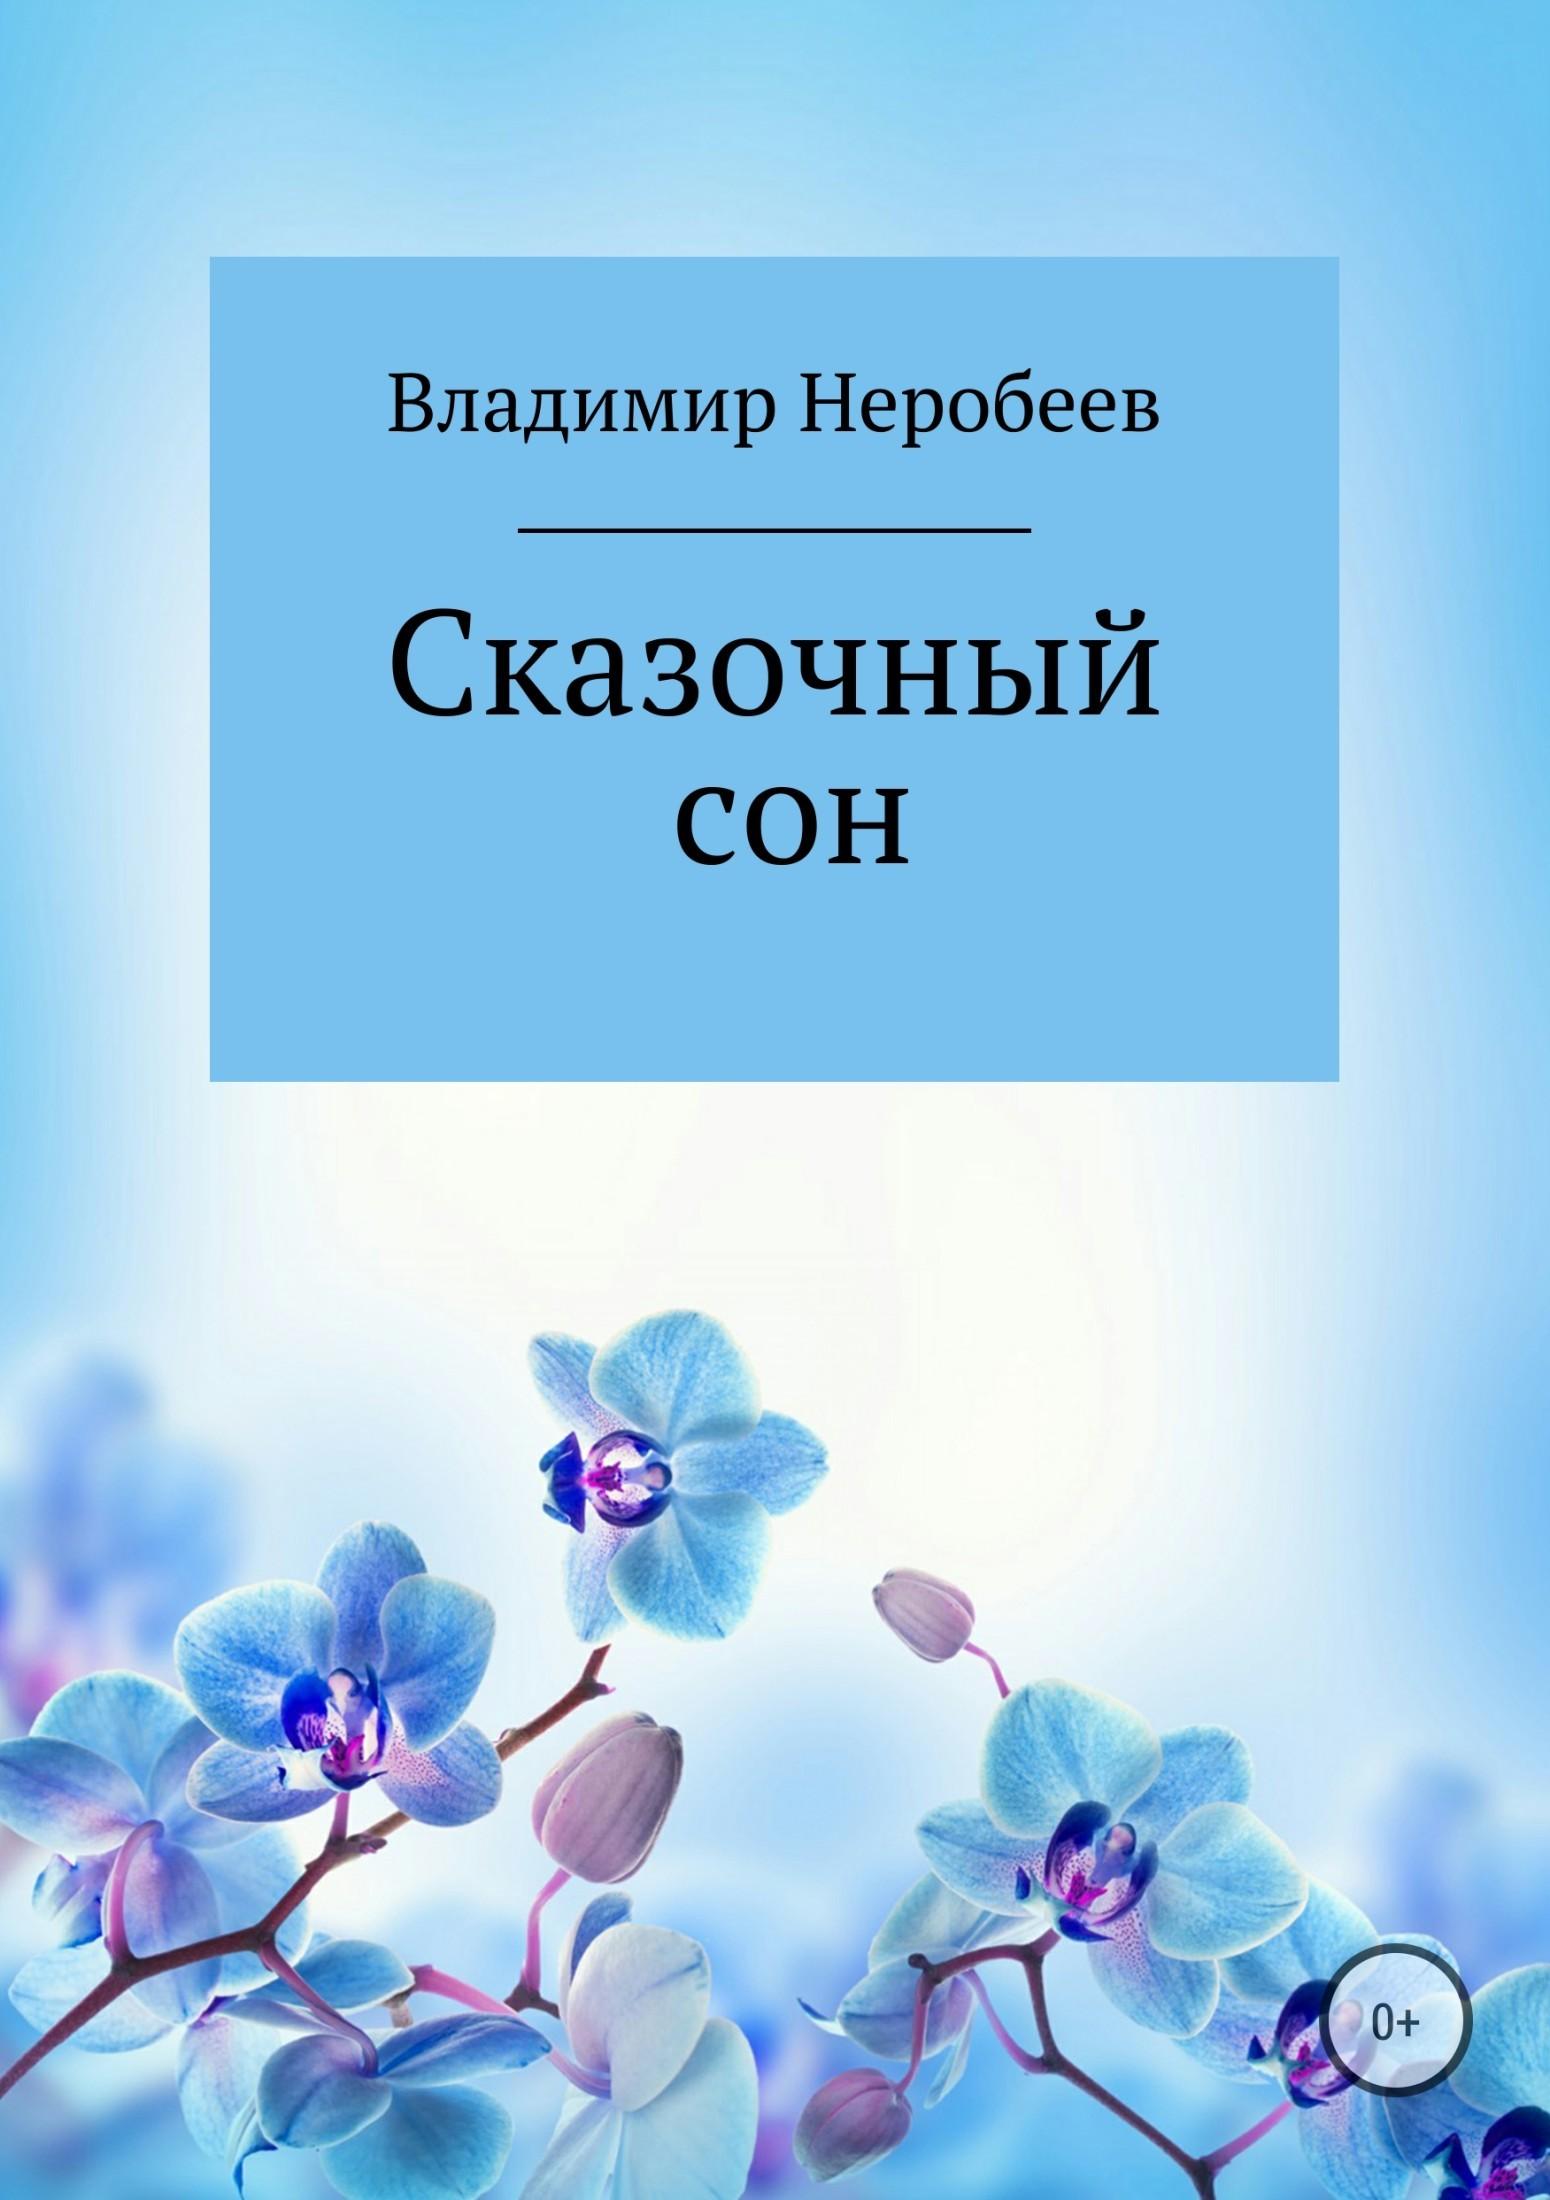 Владимир Неробеев - Сказочный сон